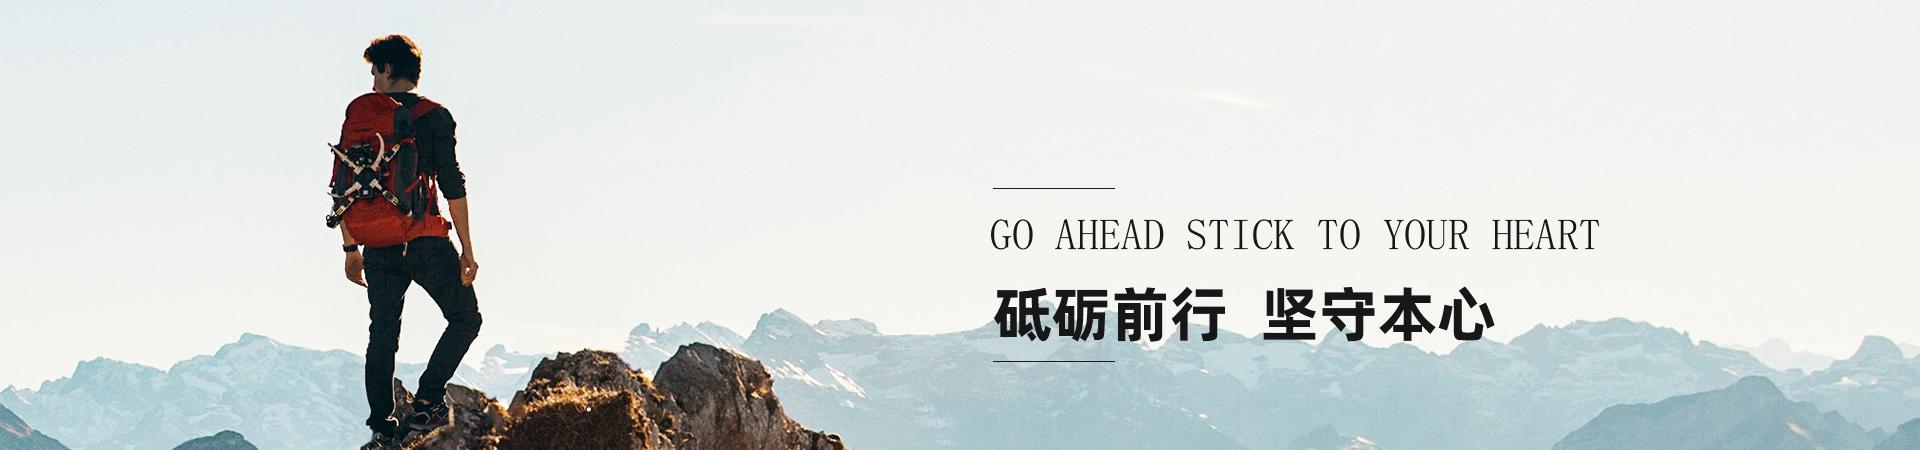 http://www.hermanwh.cn/data/upload/202007/20200725085700_537.jpg